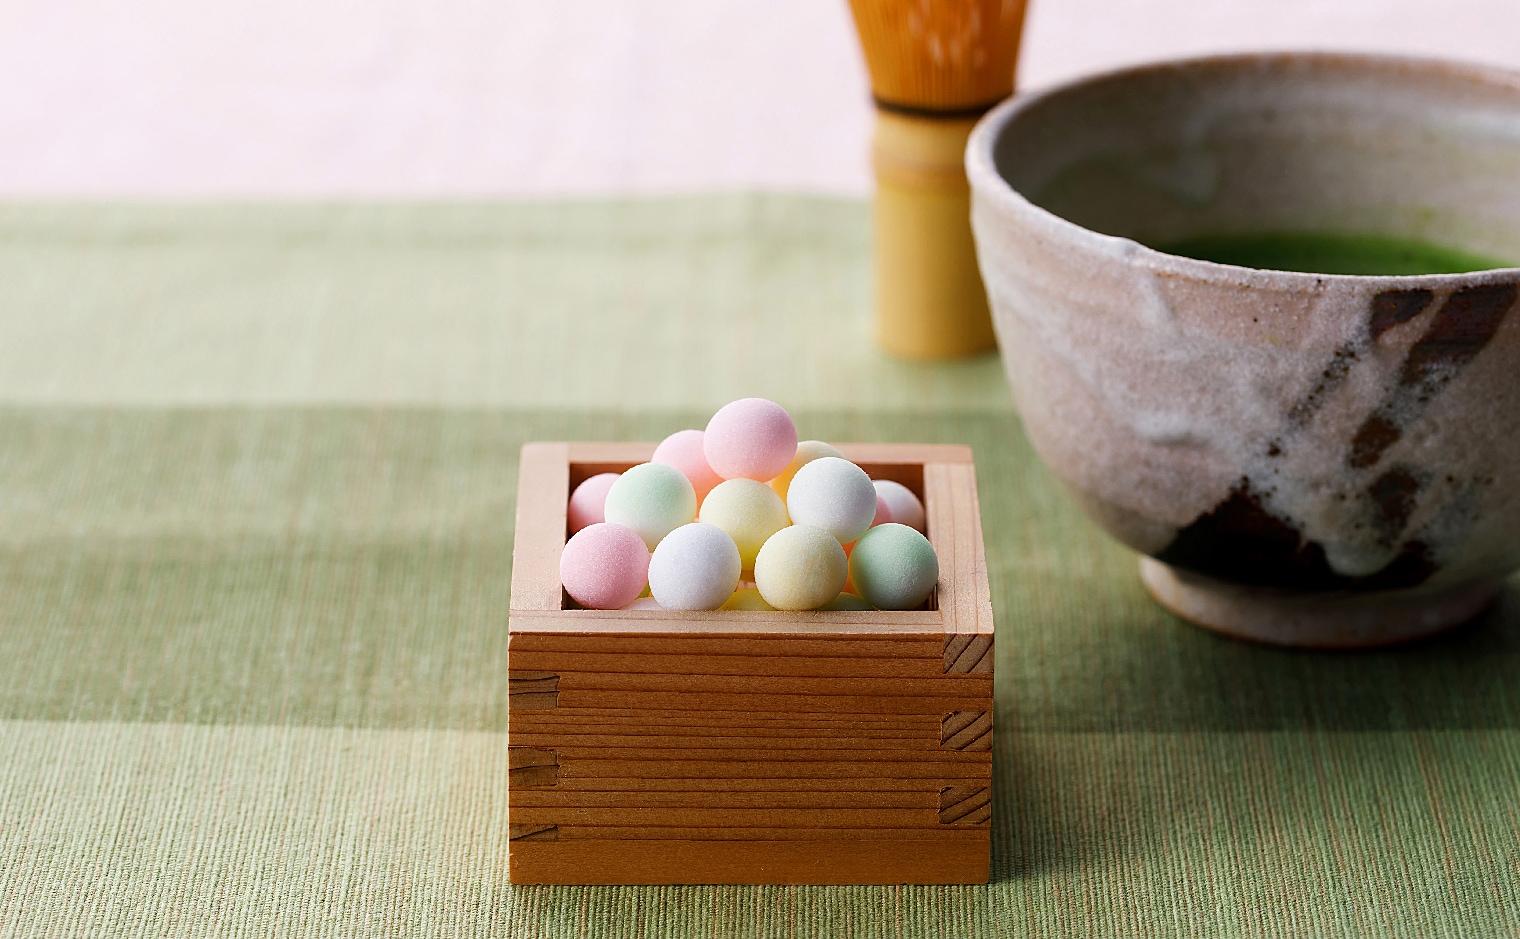 デザインシュガー,物語のある砂糖,かわいい,可愛い,角砂糖,ひなまる,プチボール,ボール,円,球,丸,まるい,サークル,ころりん